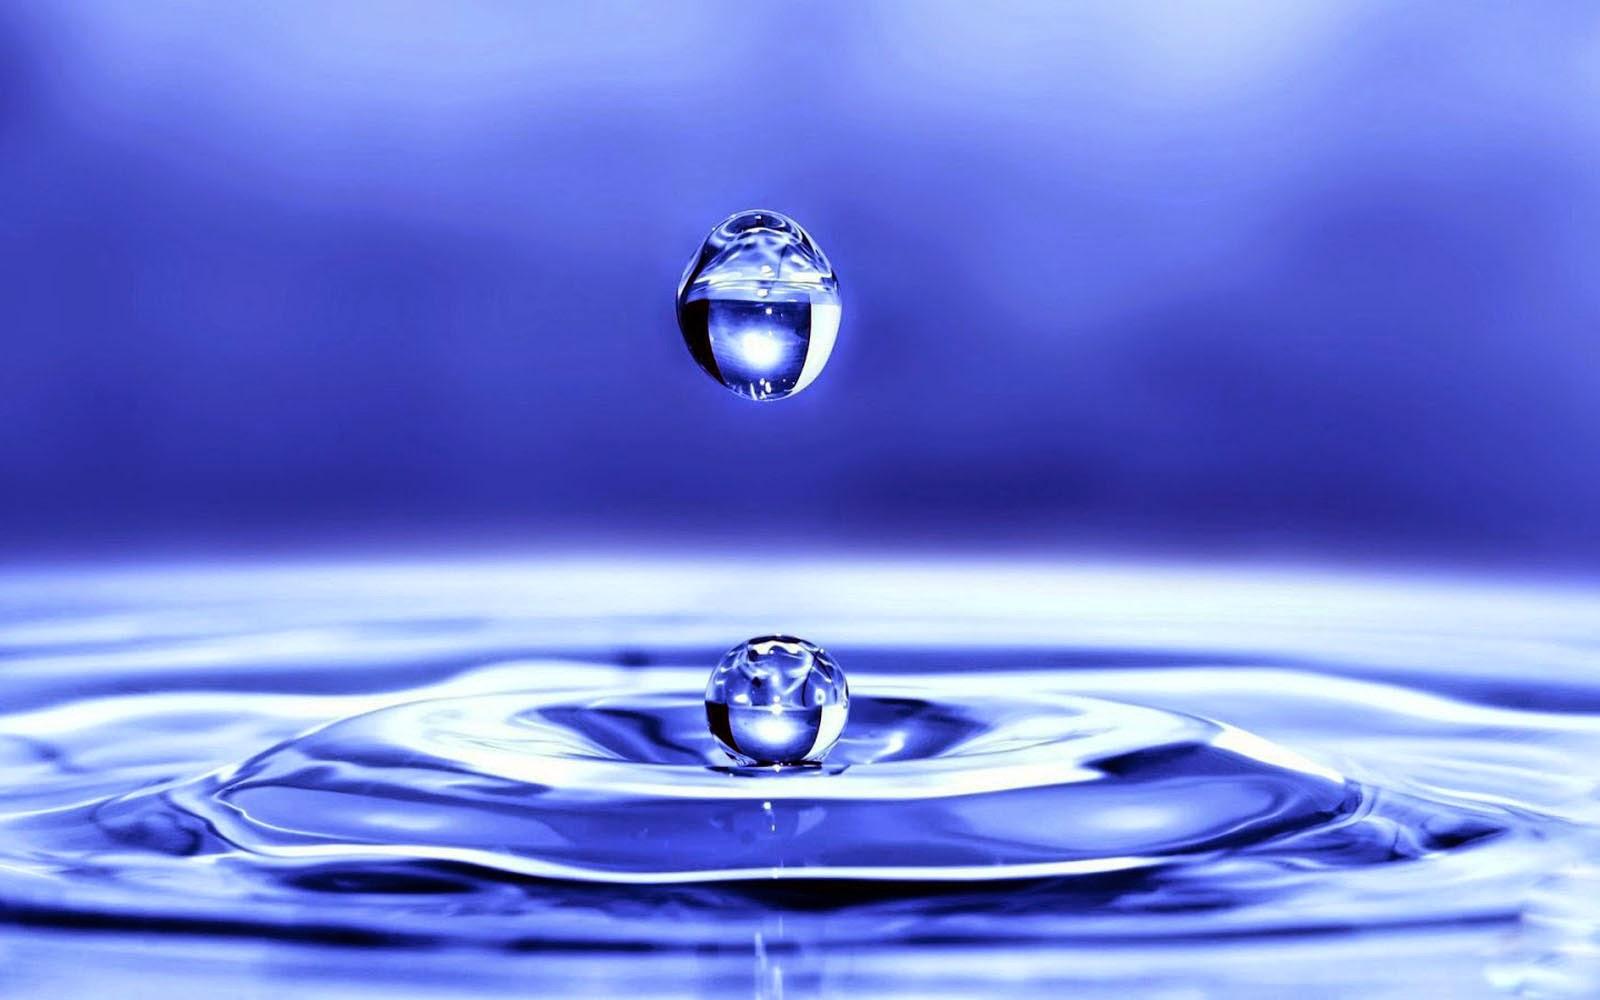 eau hd fond d ecran 3d goutte d eau